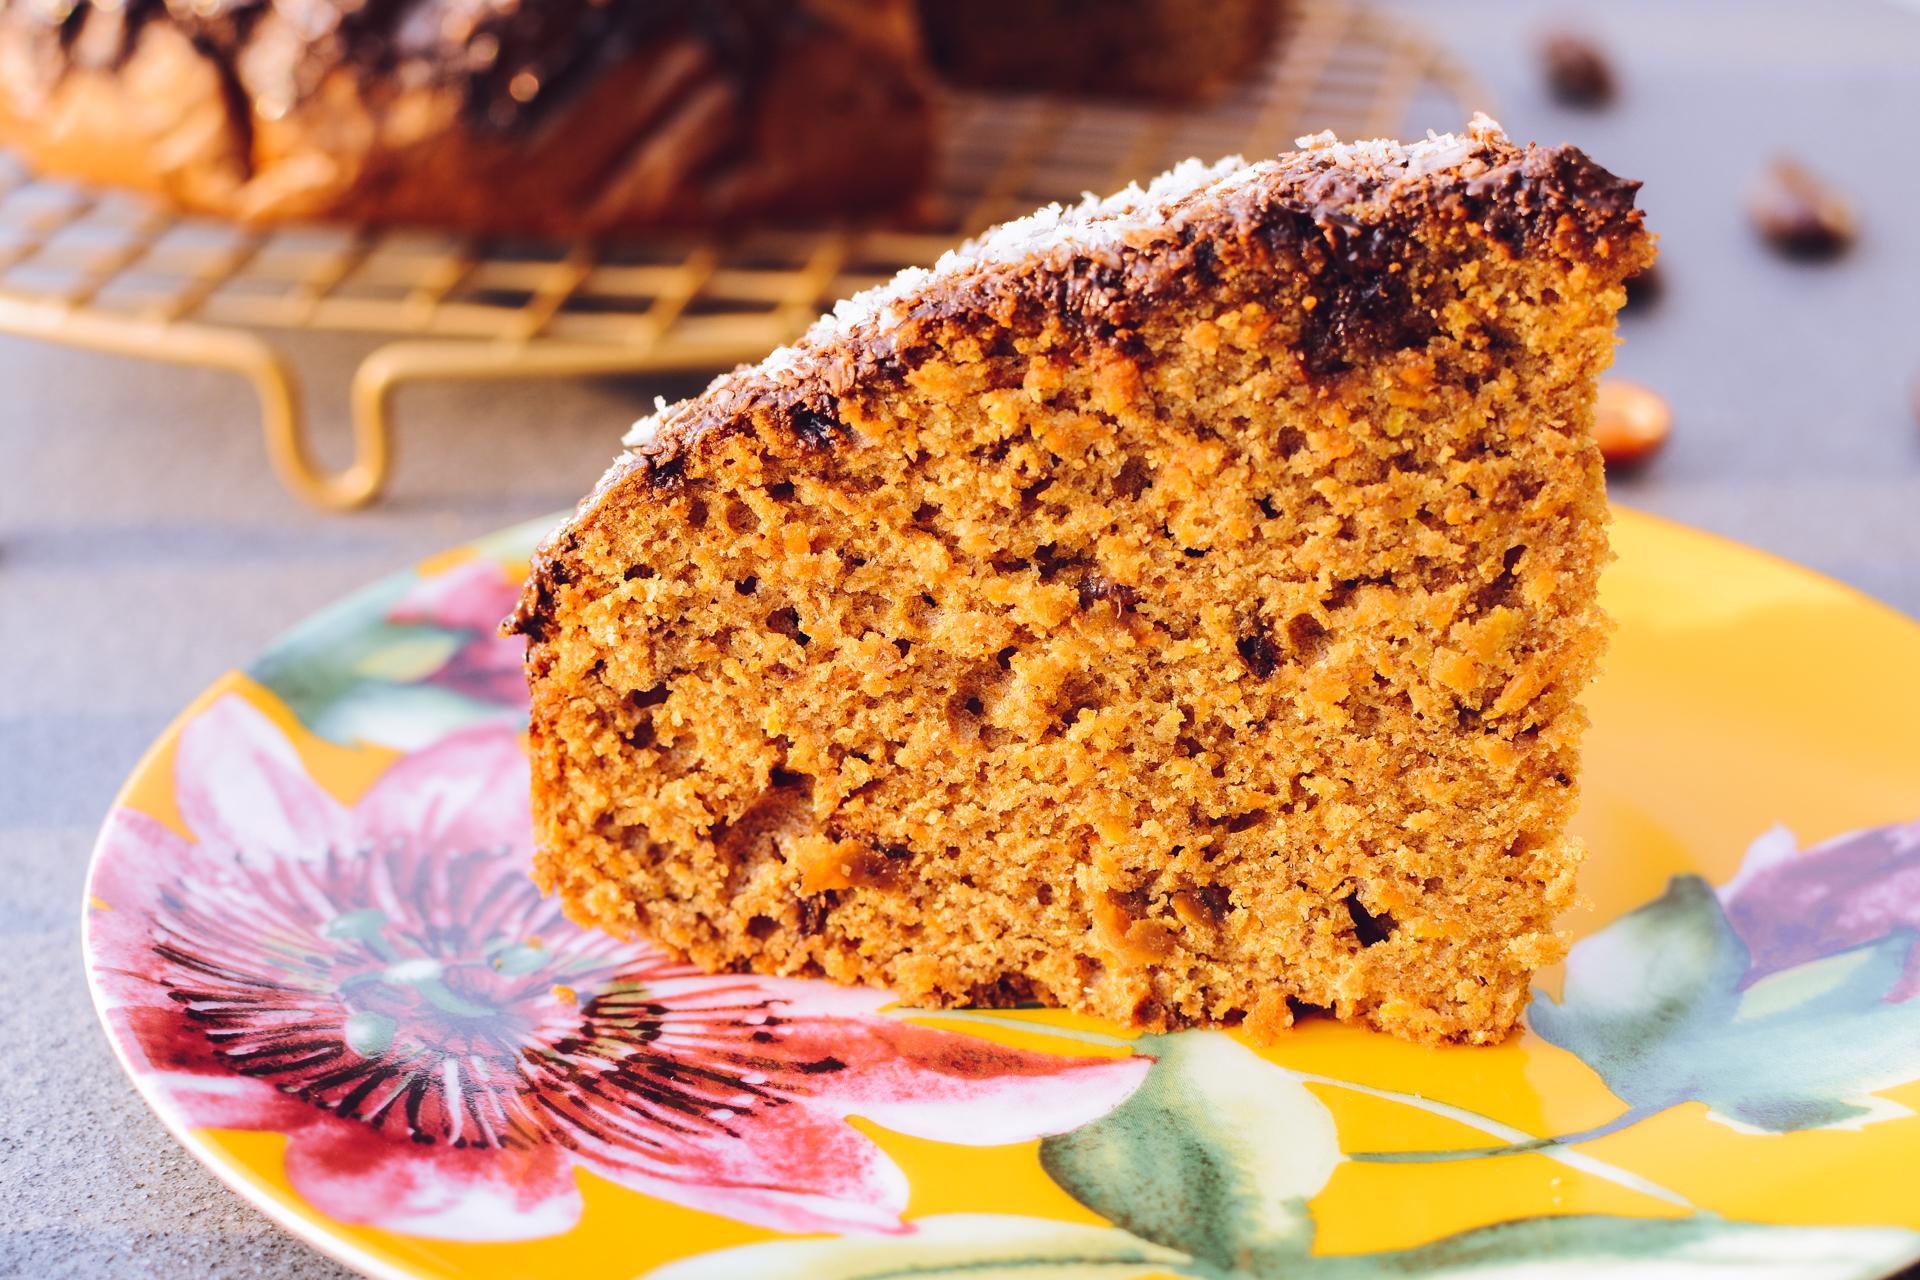 Pełnoziarniste ciasto marchewkowe z daktylami - zdrowe i sycące